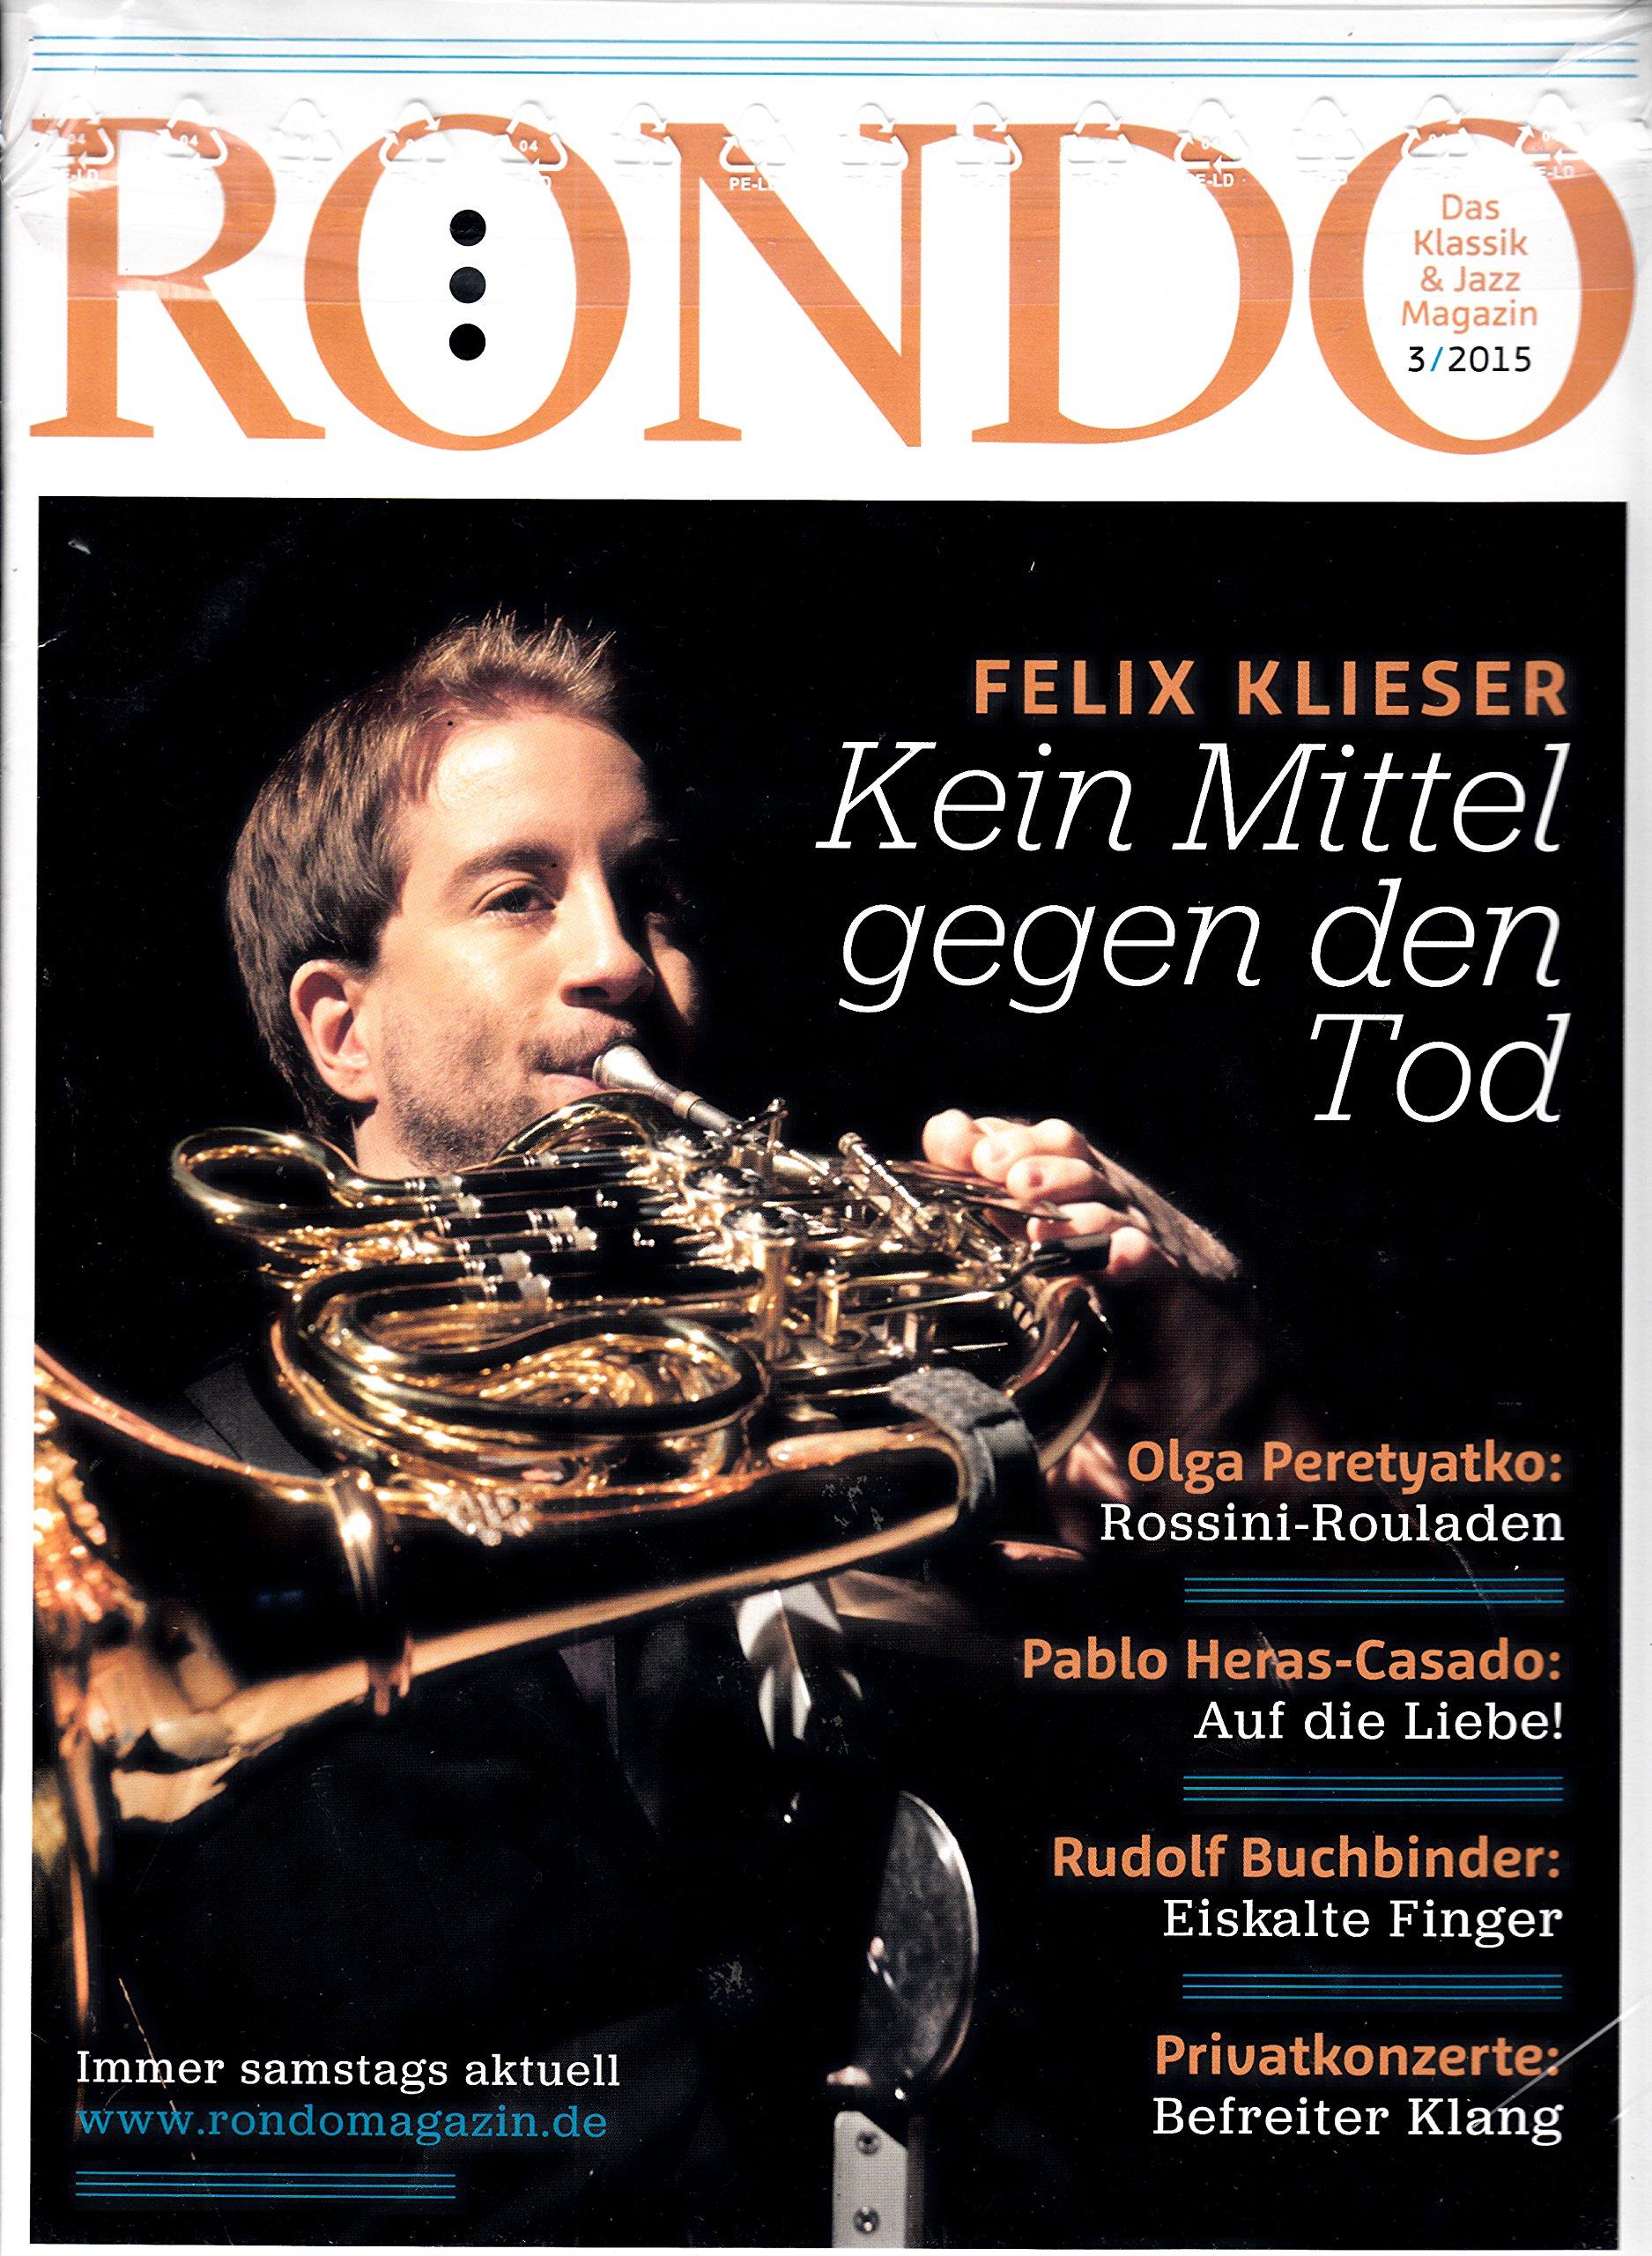 Rondo Magazin 3 2015 mit CD Felix Klieser Zeitschrift